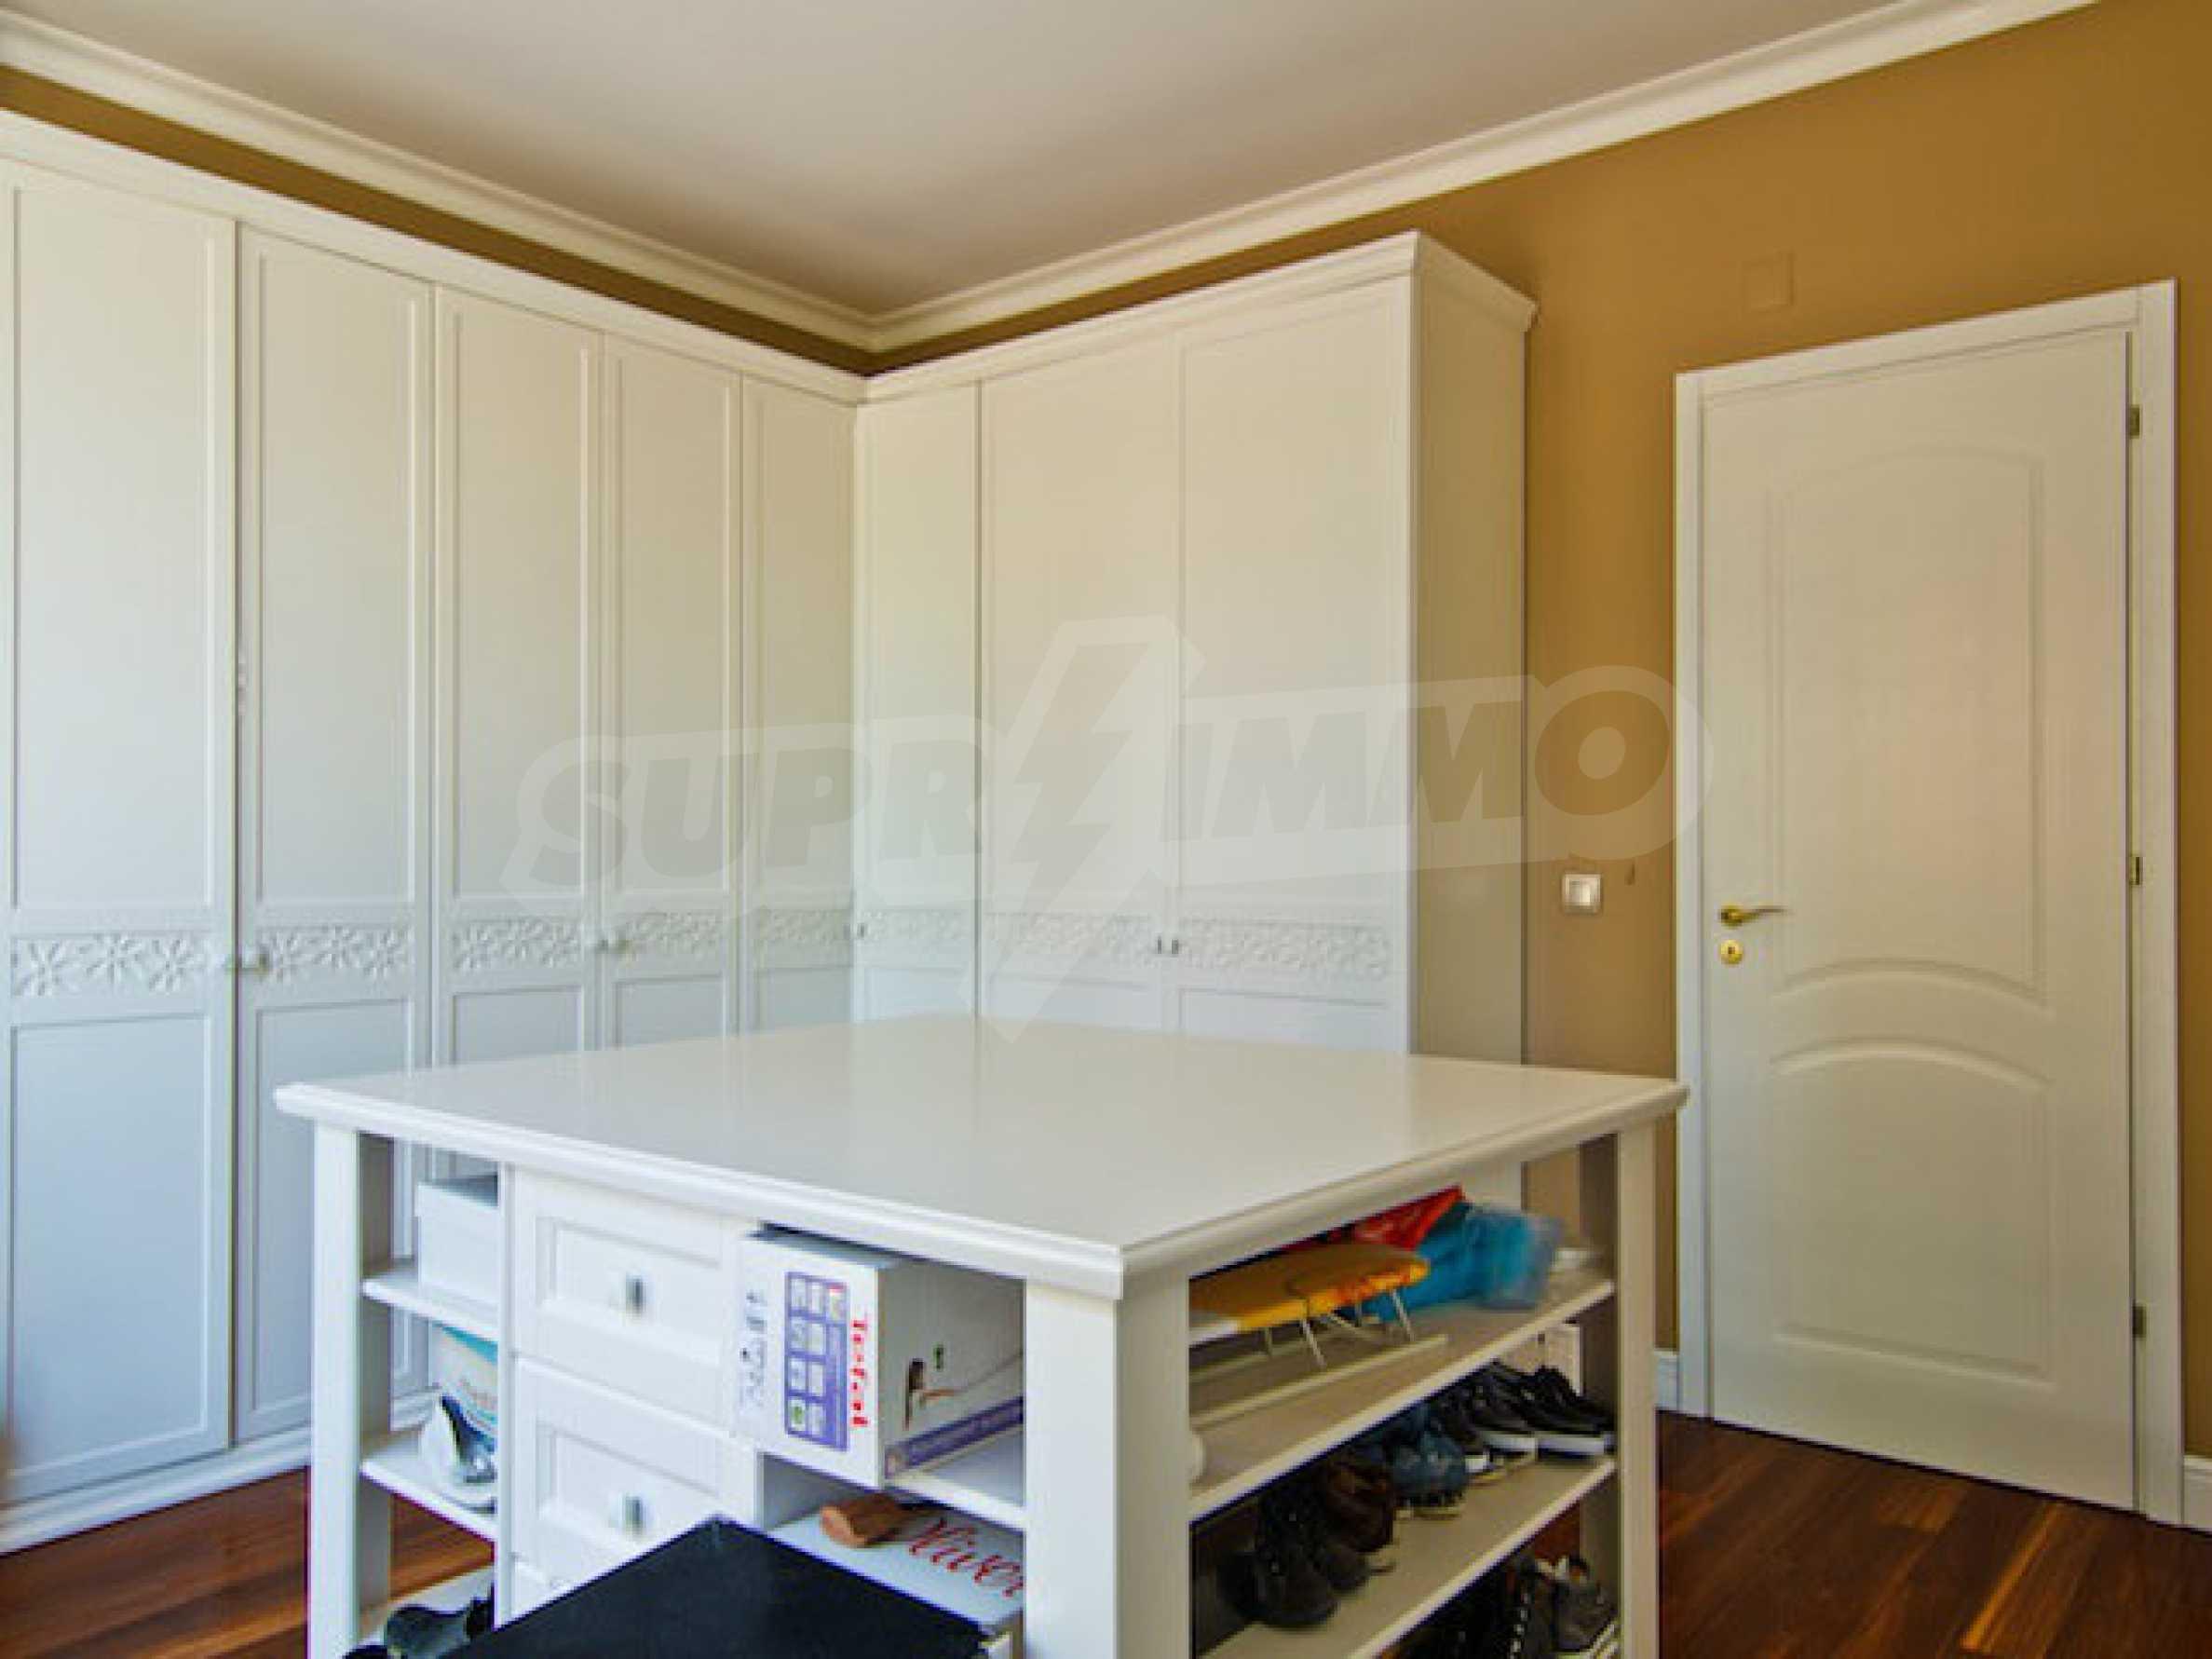 Luxuriös eingerichtetes Apartment mit einem Schlafzimmer 27